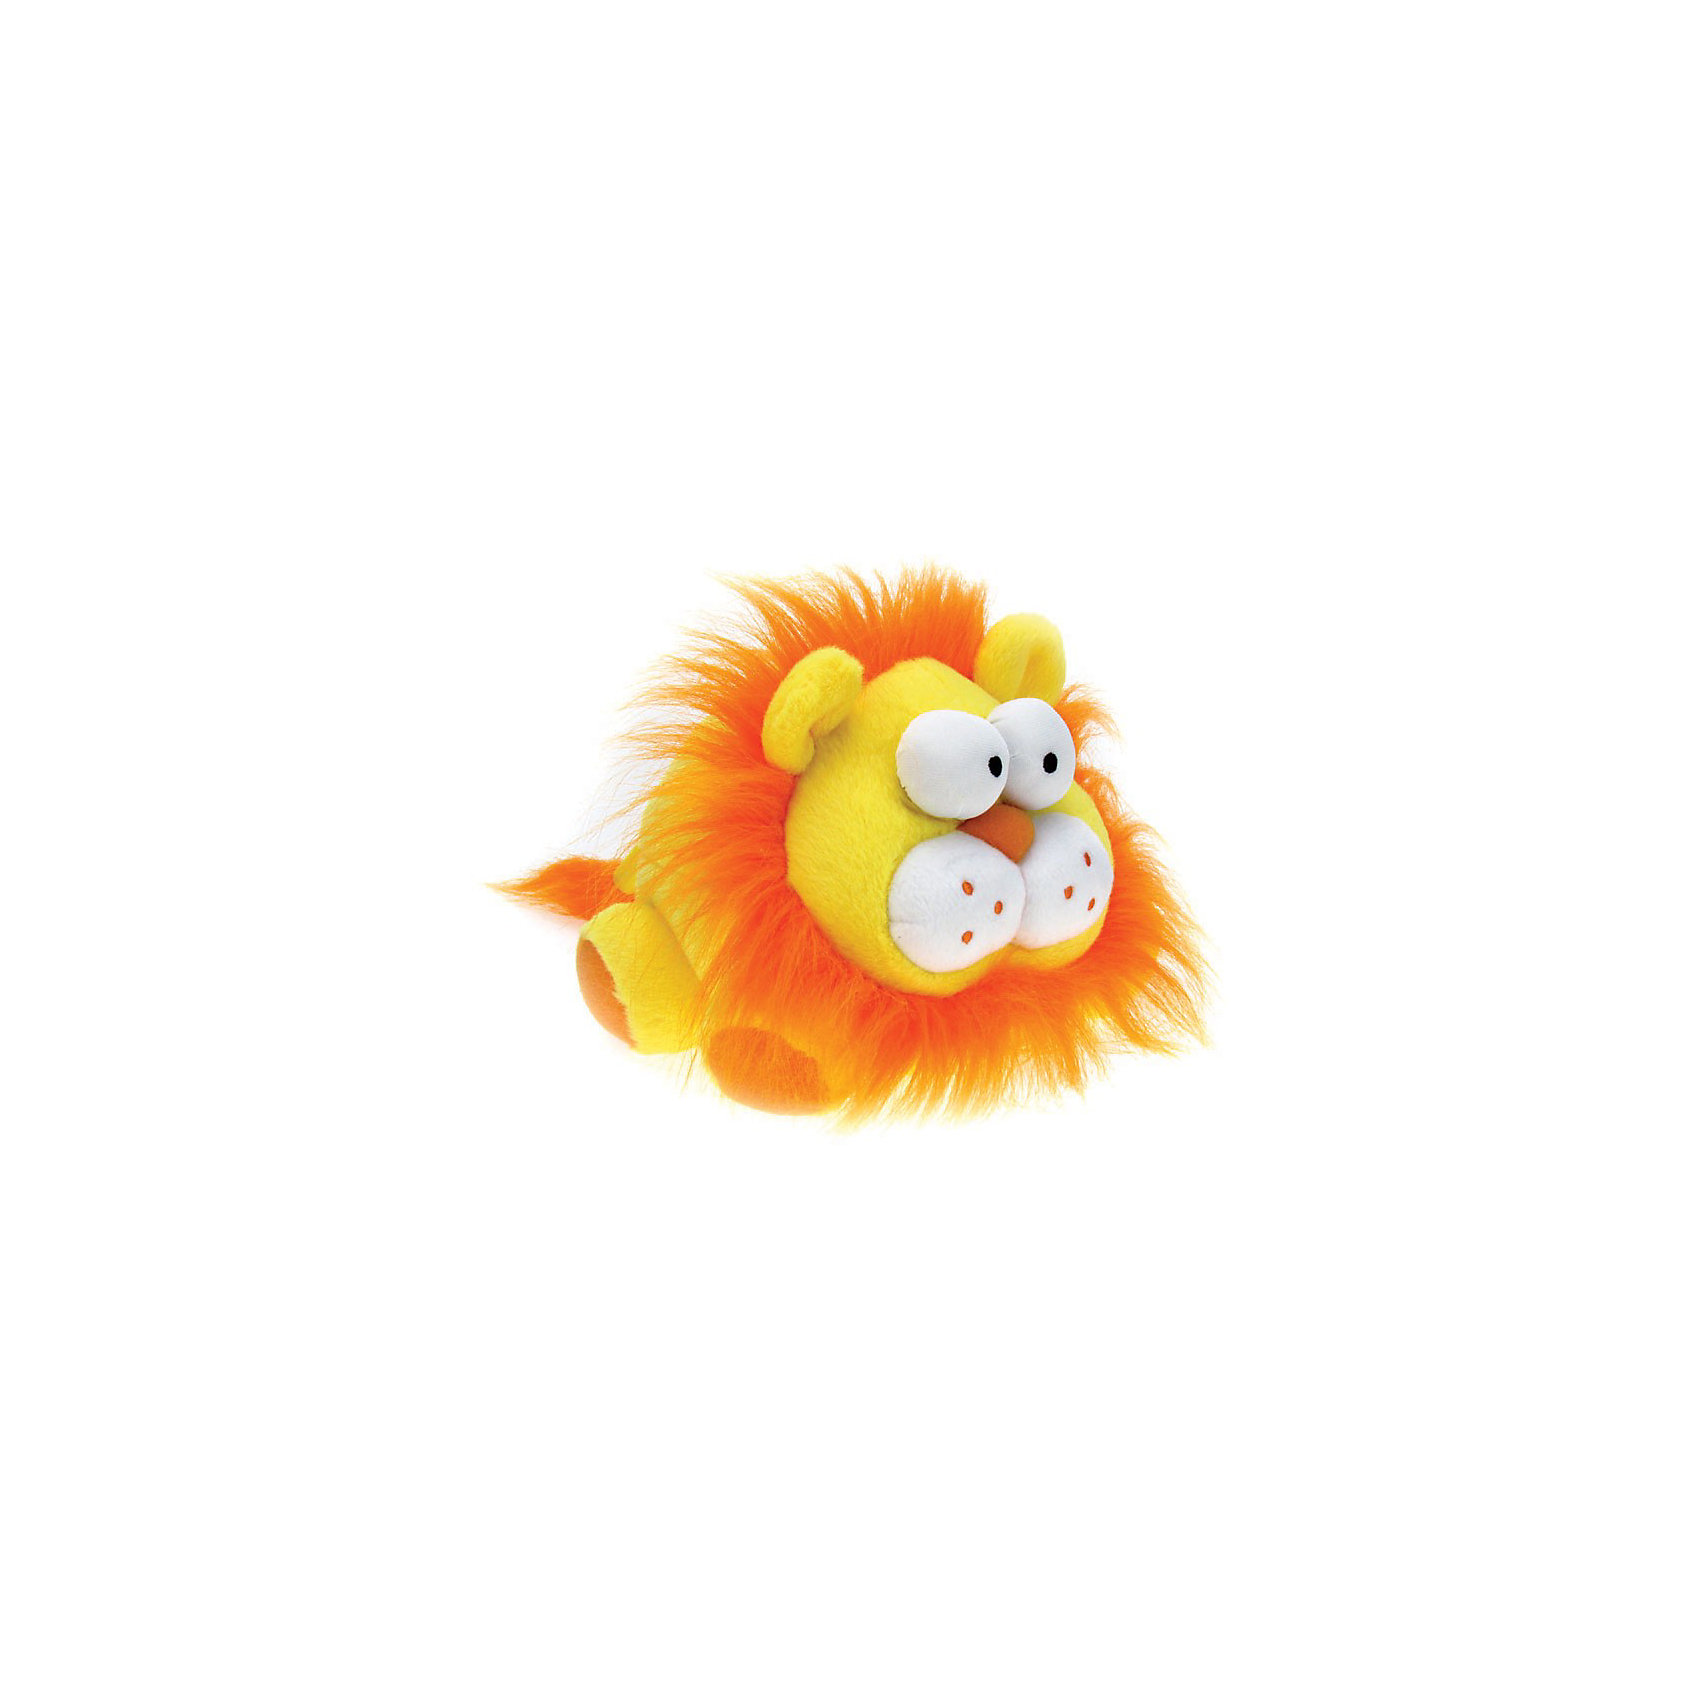 Интерактивная игрушка Хохотун - Лев, Woody OTimeИнтерактивная игрушка, при хлопке и тряске издает смешные звуки и танцует.<br><br>Длина около 20 см.<br><br>Ширина мм: 200<br>Глубина мм: 160<br>Высота мм: 140<br>Вес г: 310<br>Возраст от месяцев: 36<br>Возраст до месяцев: 1188<br>Пол: Унисекс<br>Возраст: Детский<br>SKU: 3376323